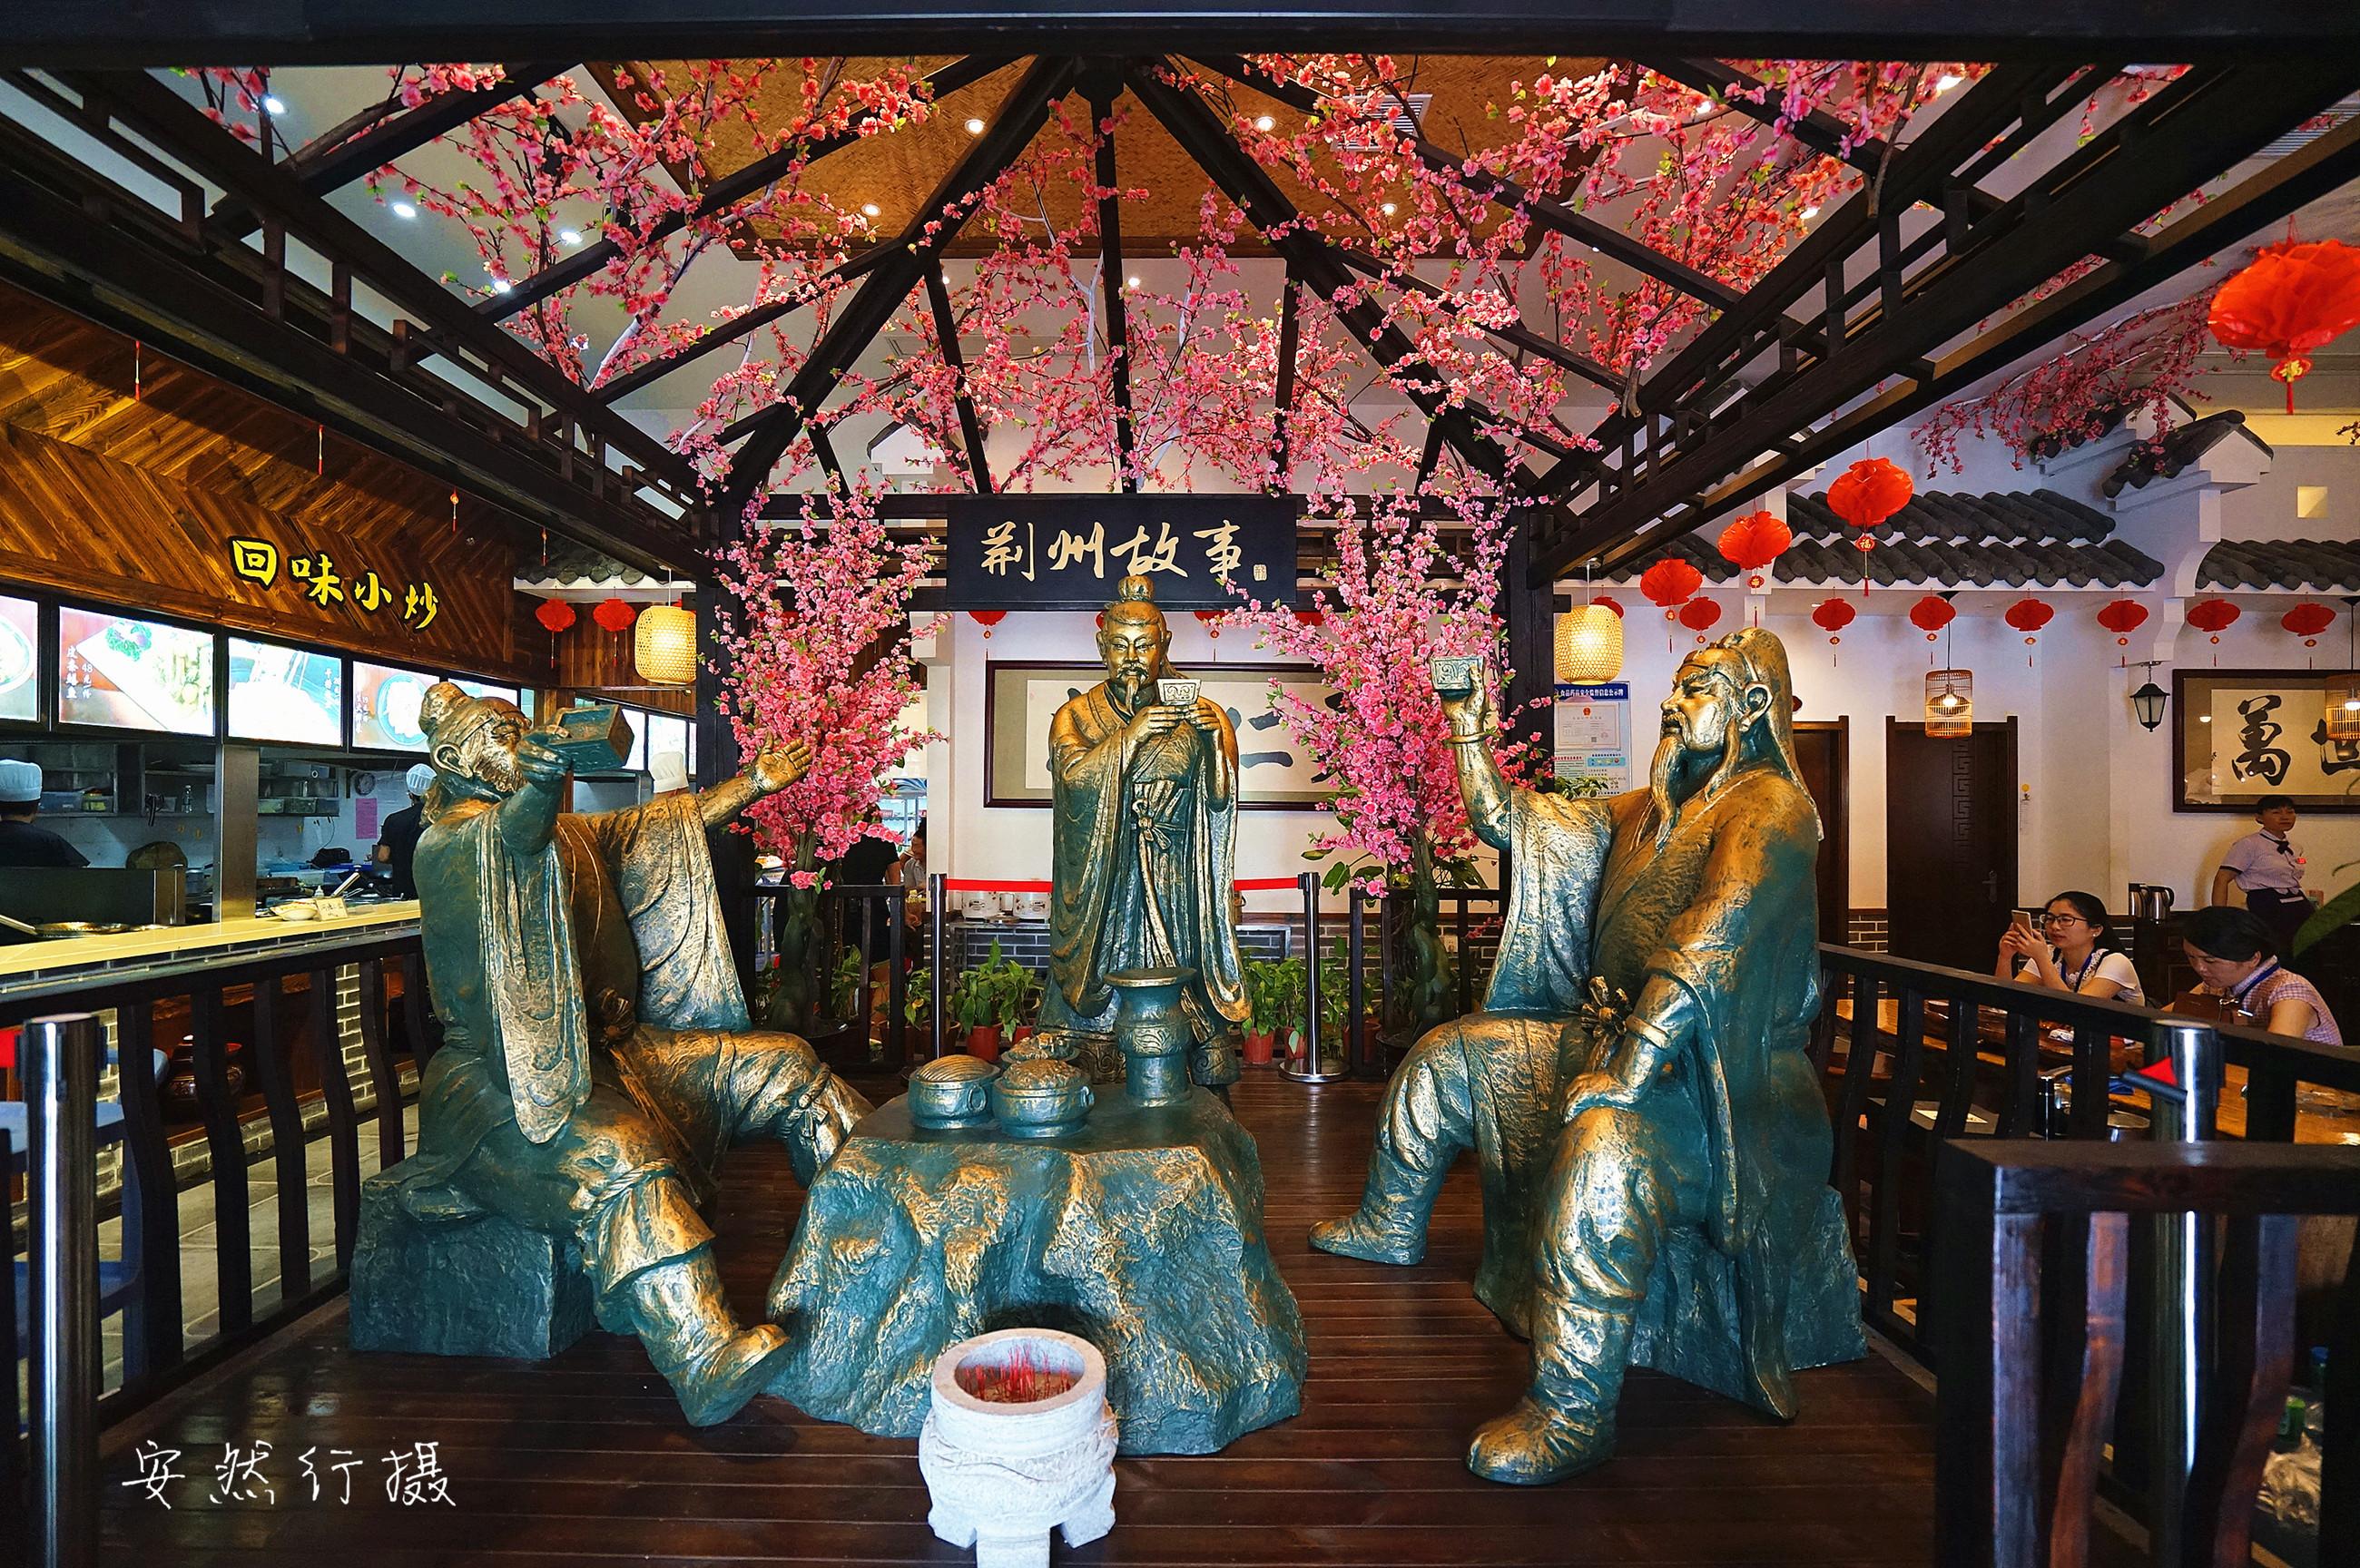 寻味荆州古城,感受荆州本帮菜独特魅力